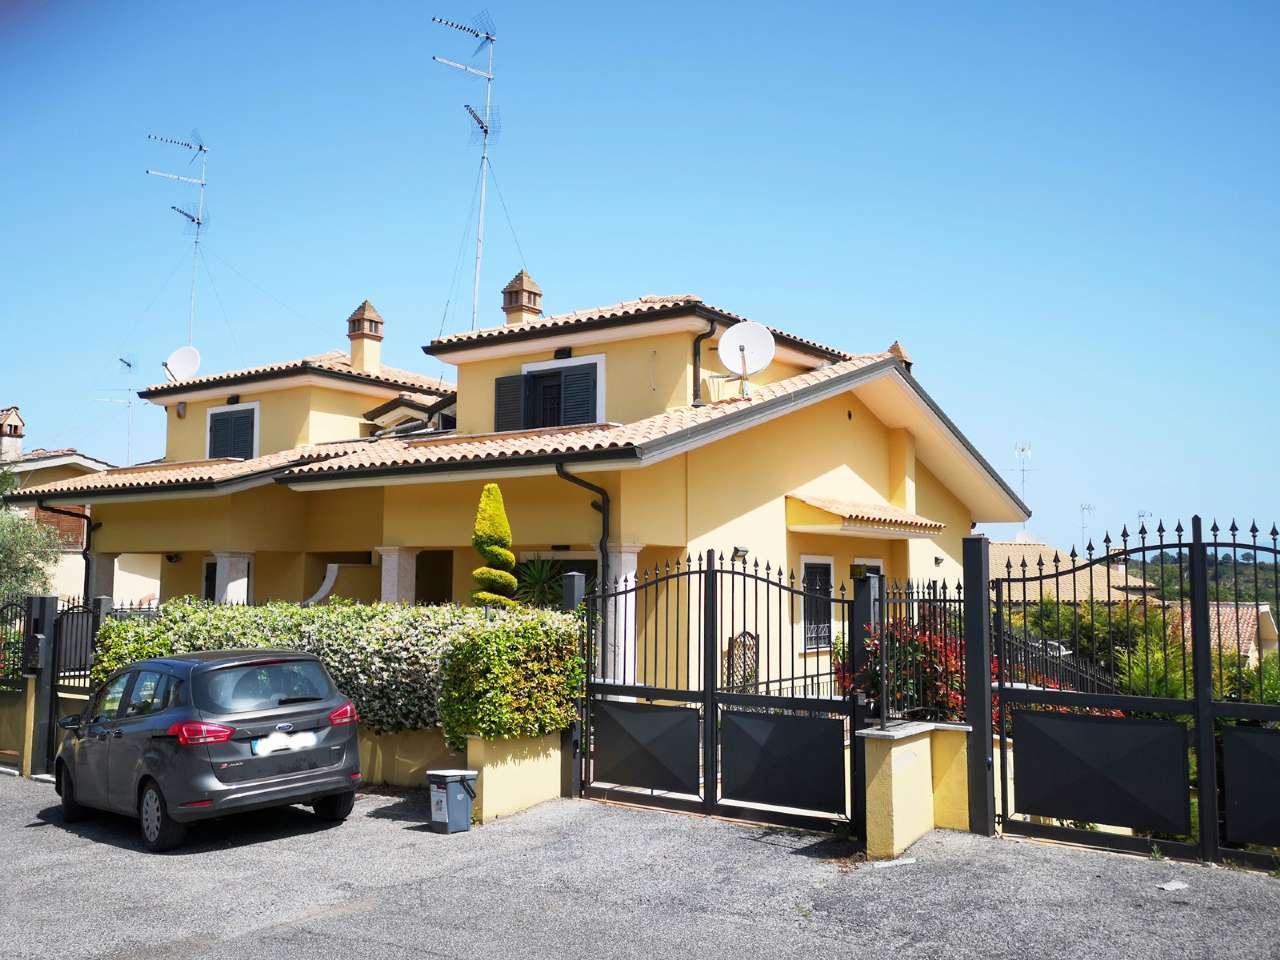 Villa Bifamiliare in Vendita a Mentana